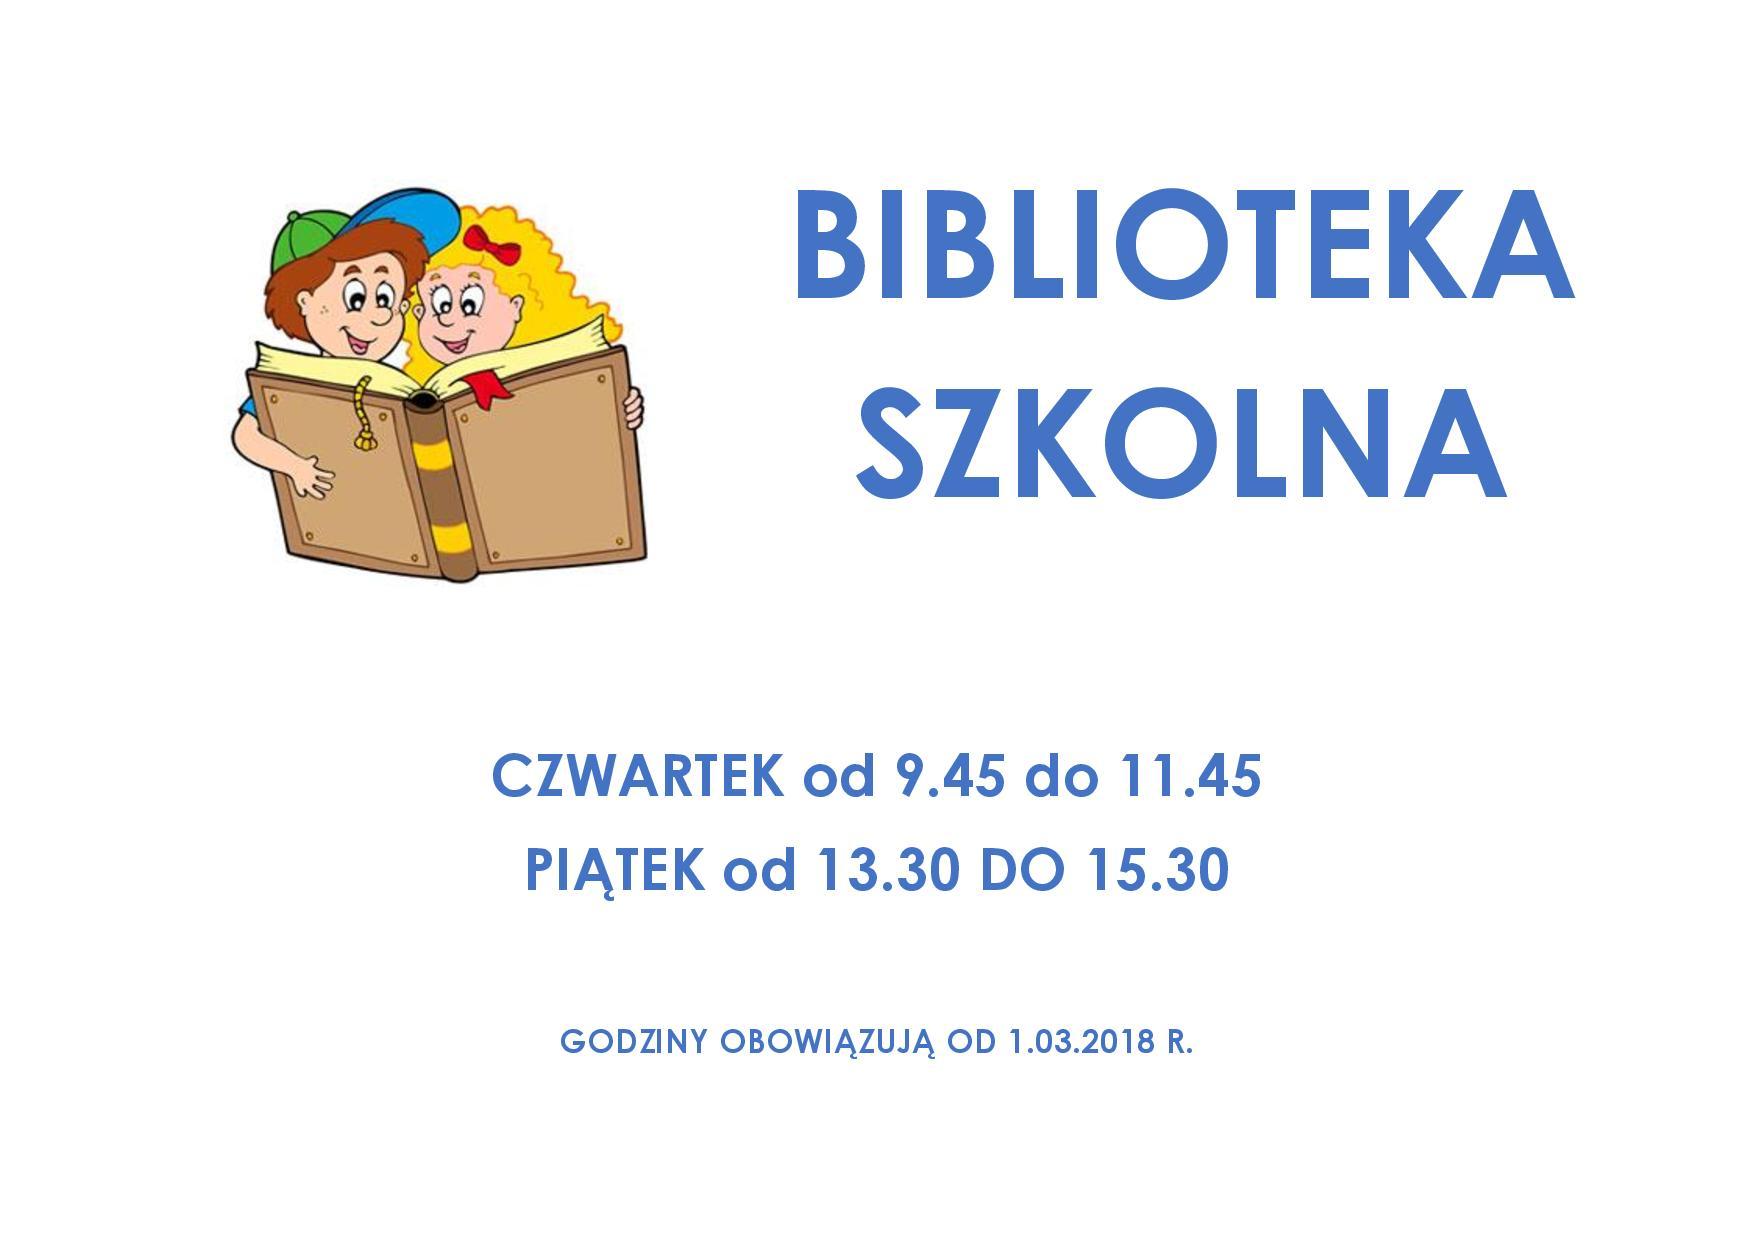 BIBLIOTEKA SZKOLNA do 1.03.2018-page-001